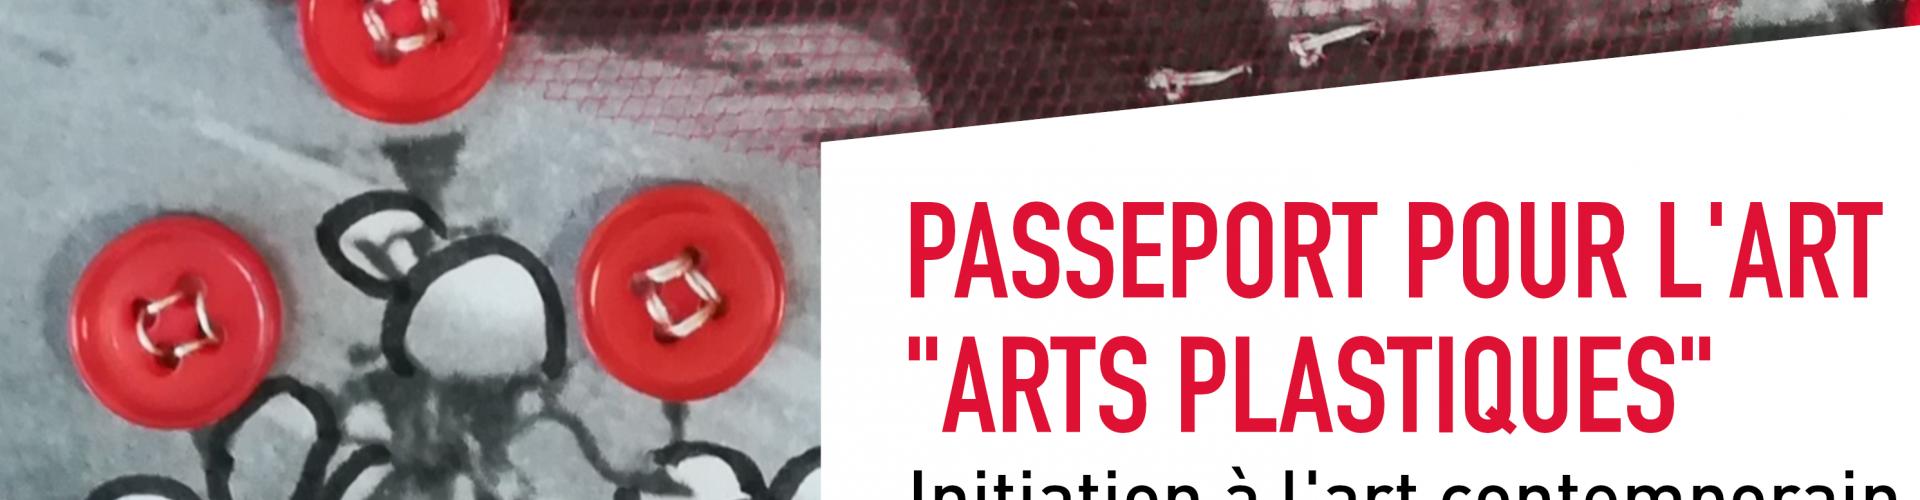 Passeport pour l'art «Arts plastiques» – initiation à l'art contemporain